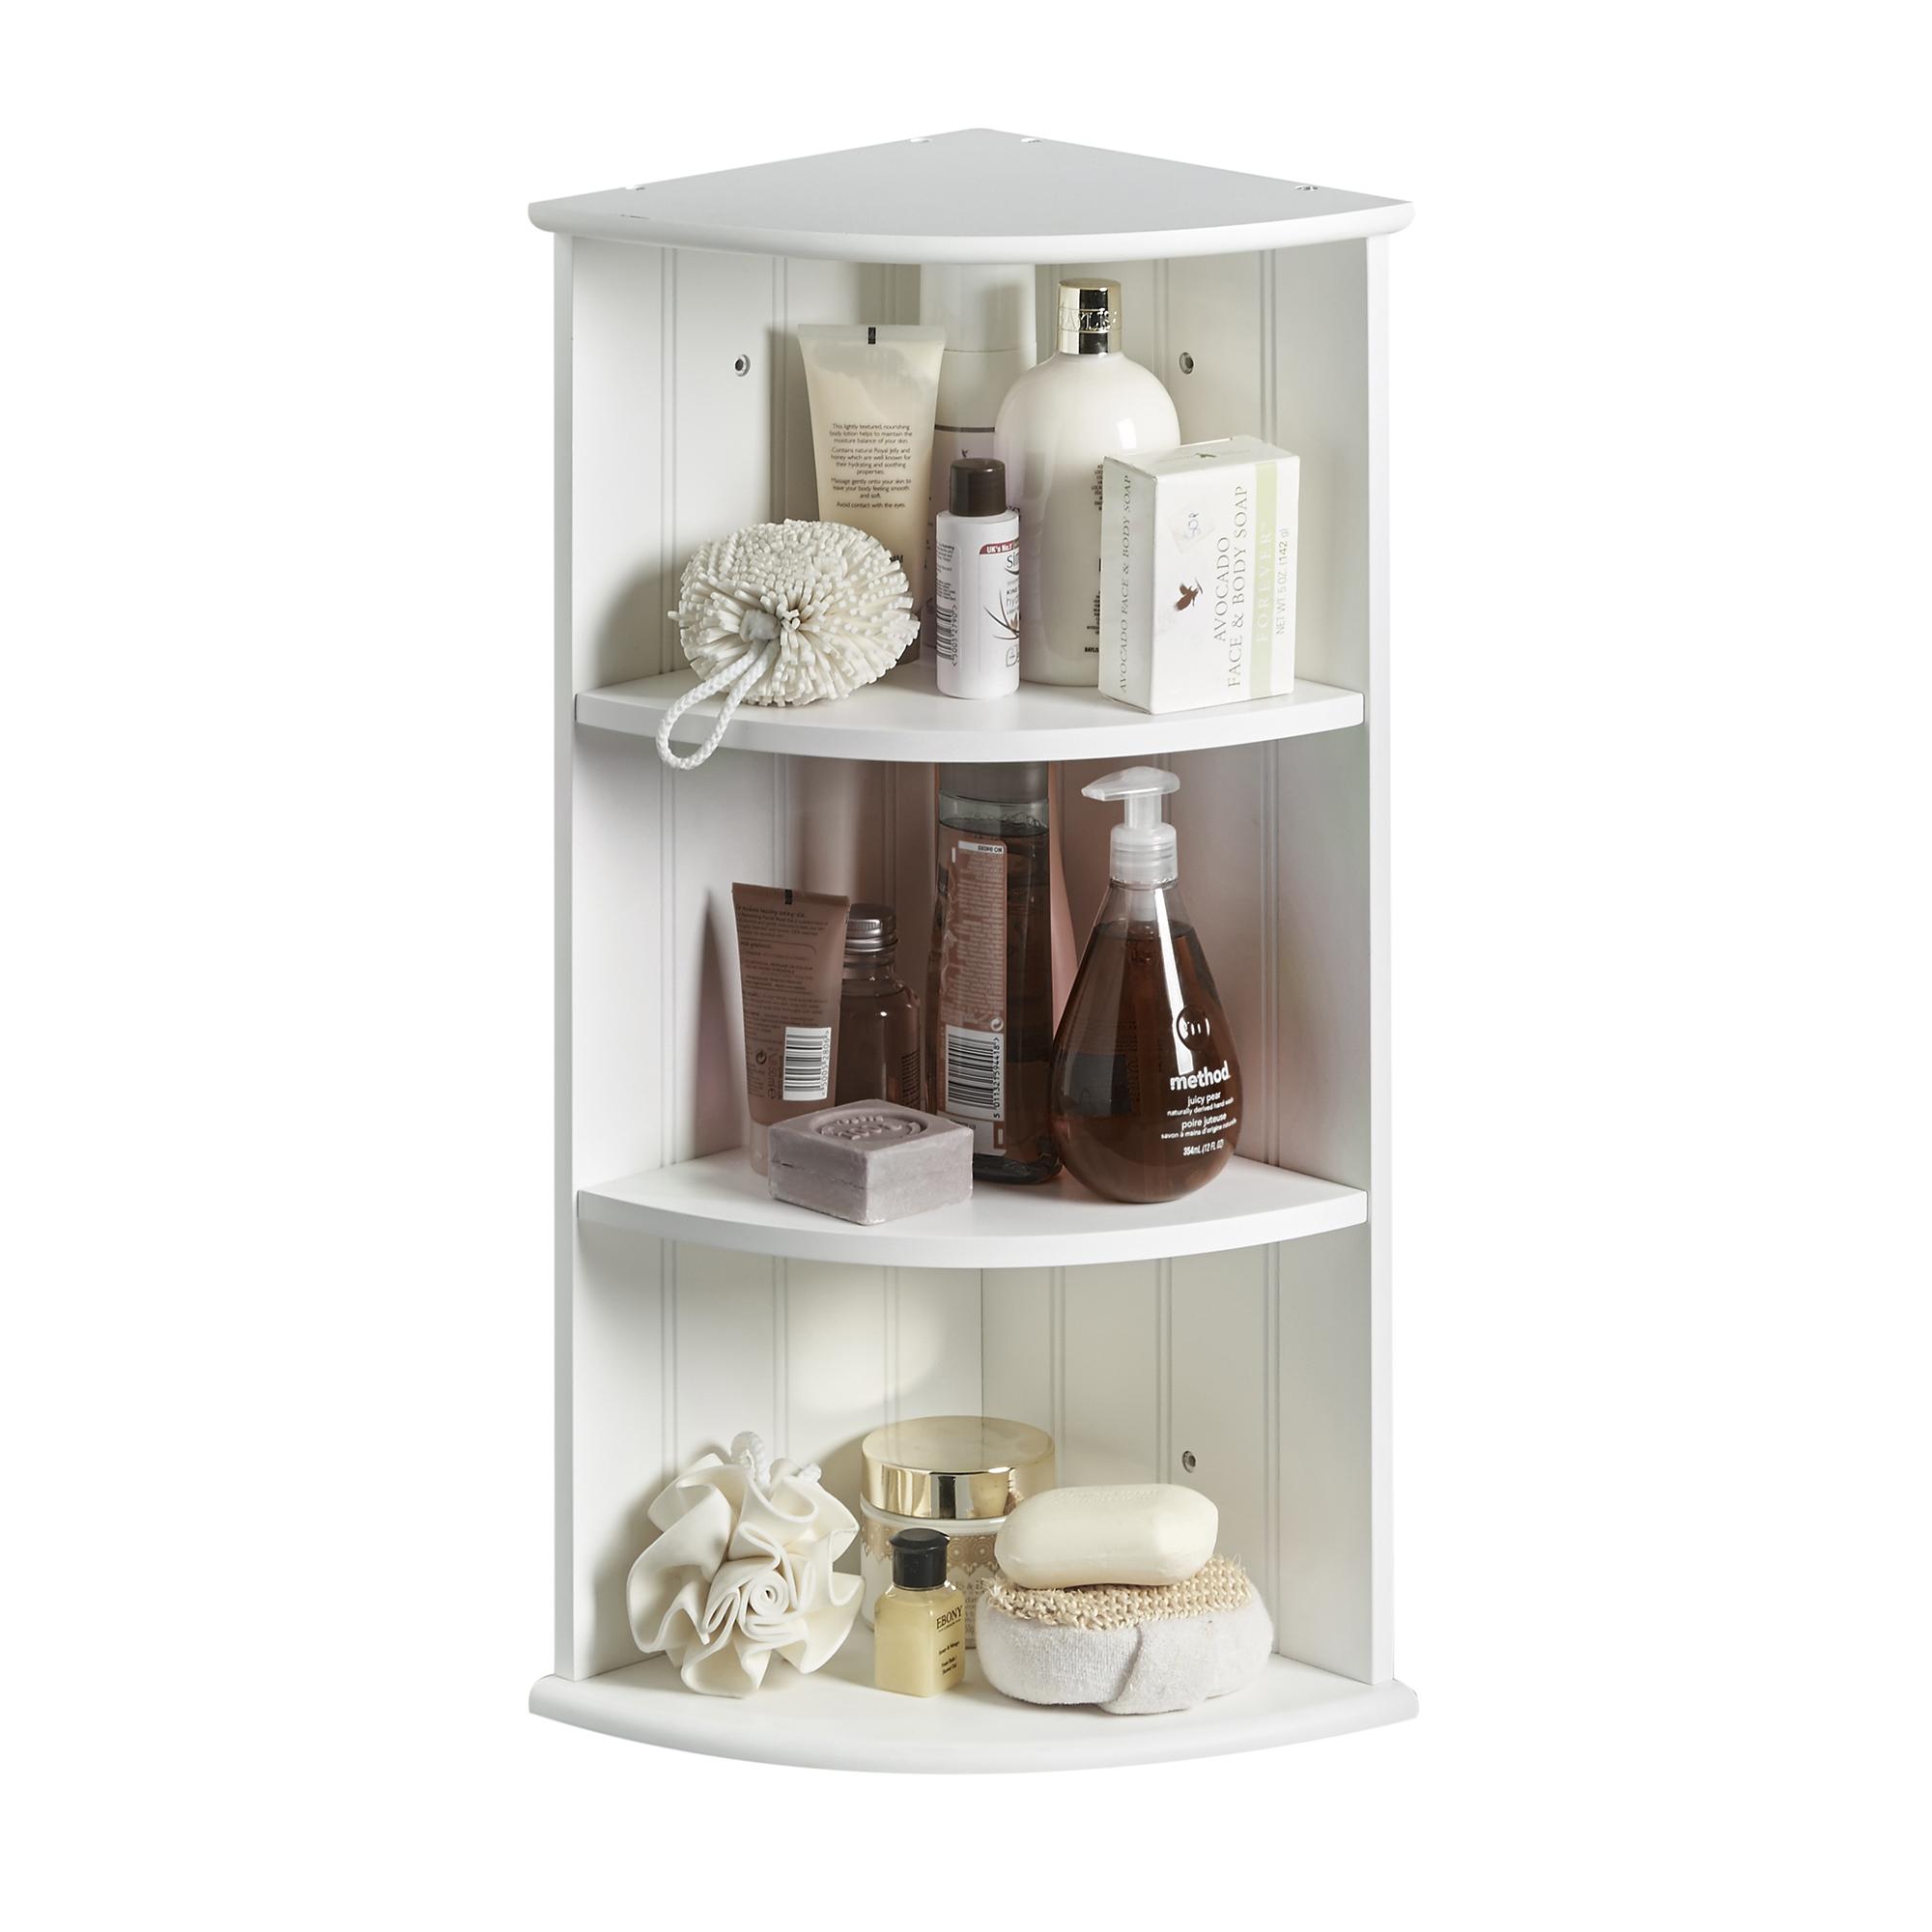 VonHaus Colonial White Three Shelf Bathroom Corner Cabinet ...